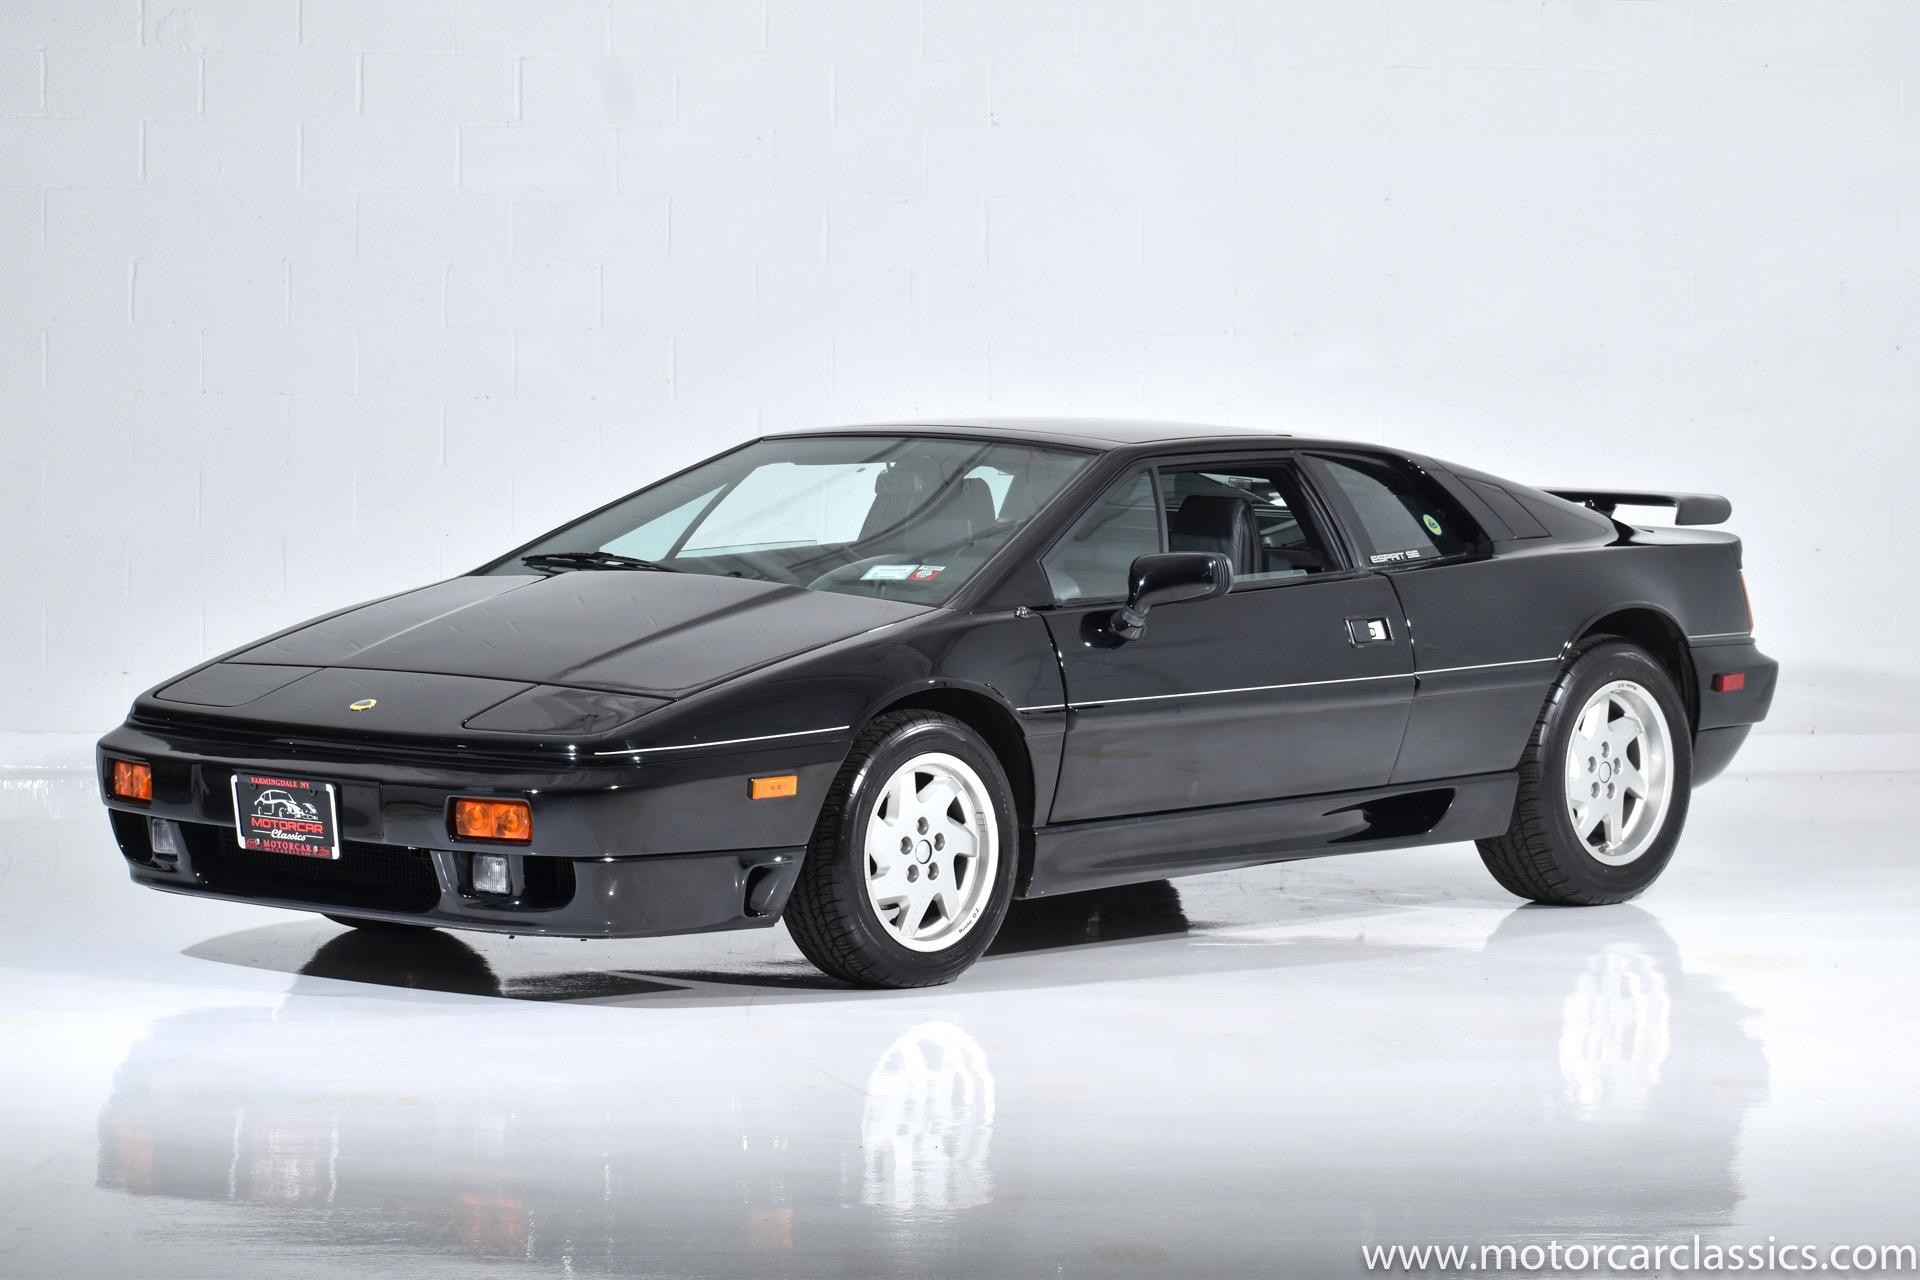 1990 Lotus Esprit SE